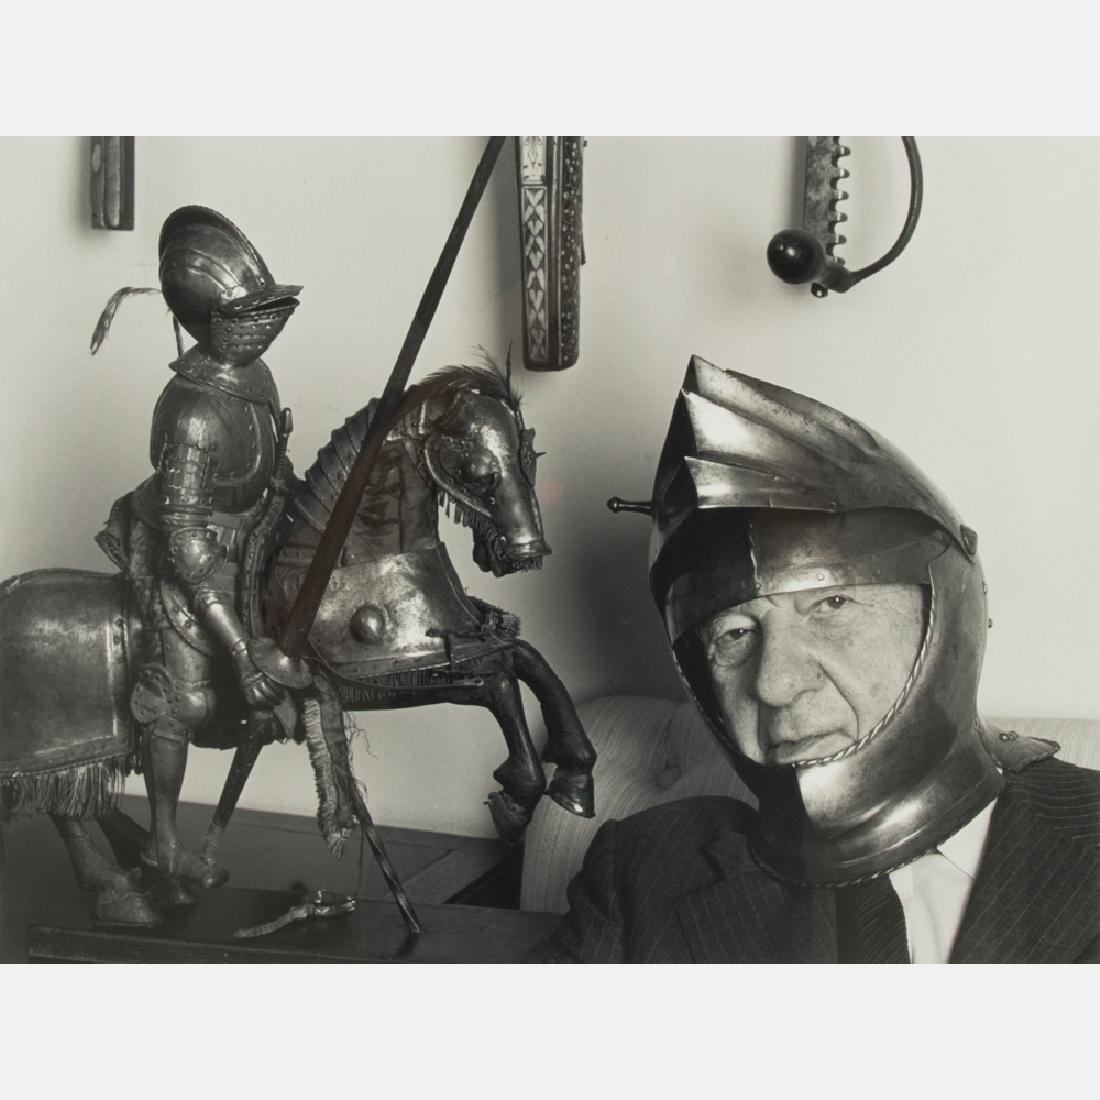 Abe Frajndlich (b. 1946) Charles Addams, NYC, 4/21/88,